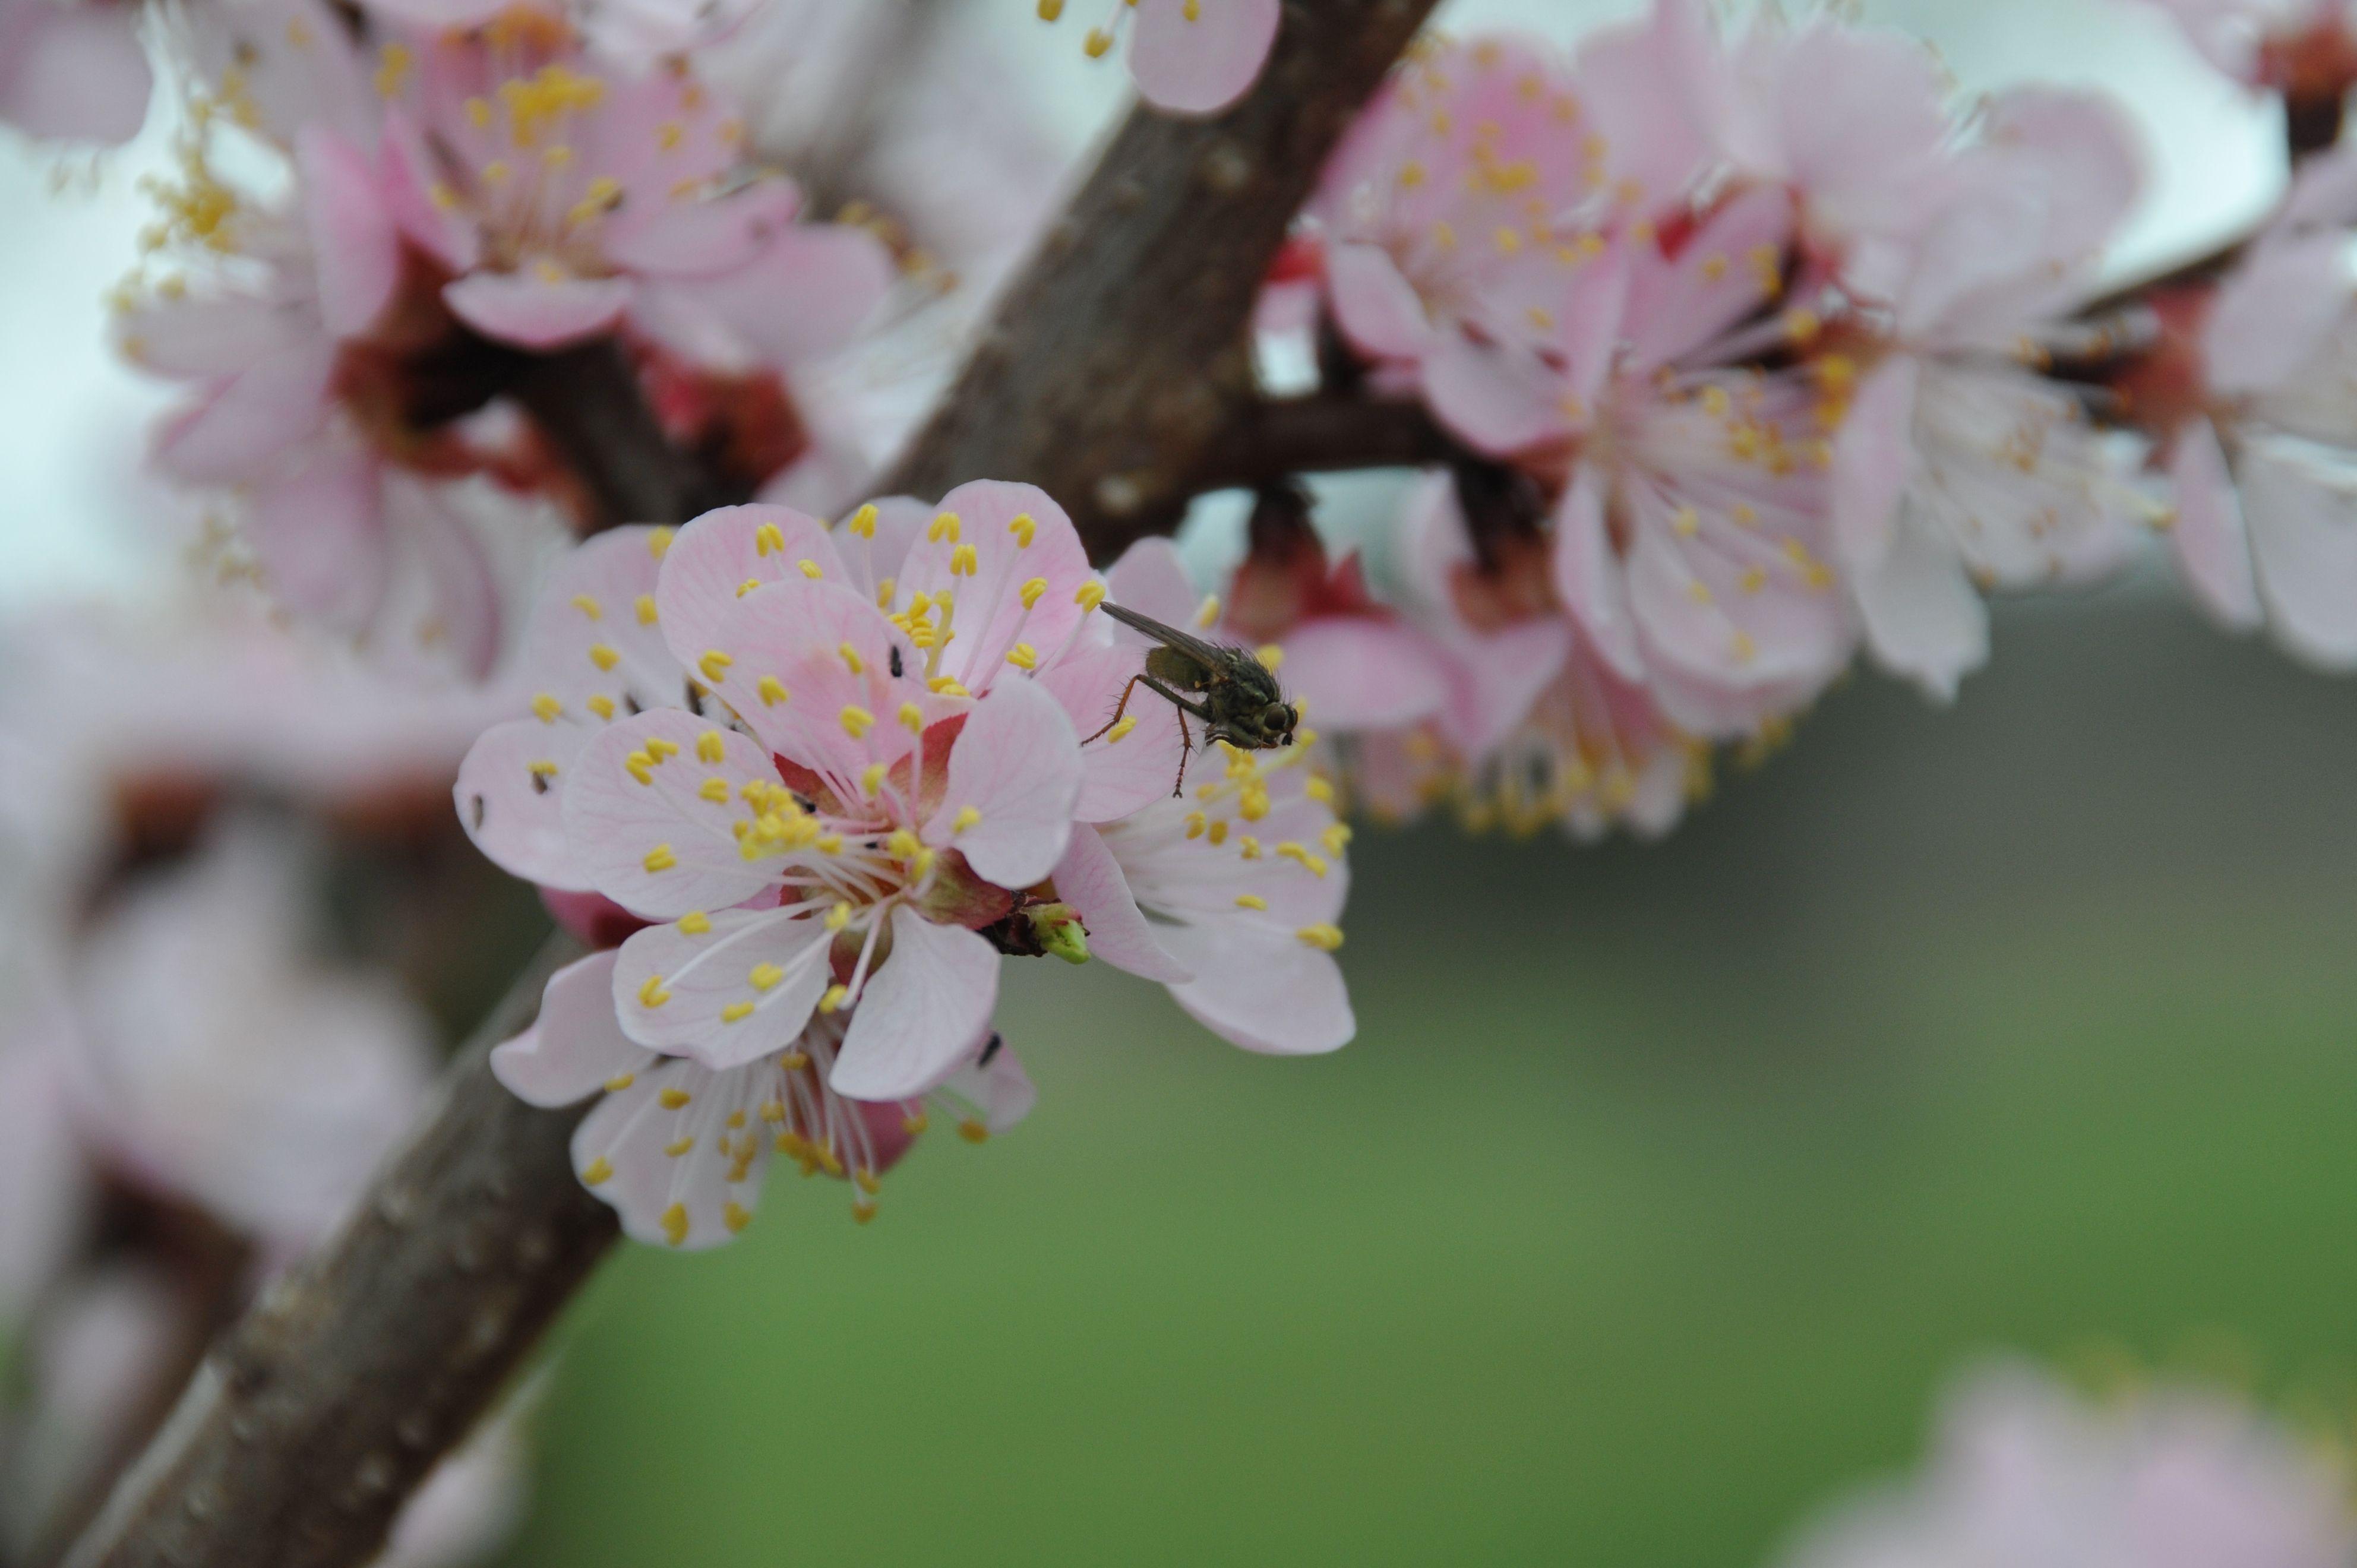 Spring in Bucks County, Pa